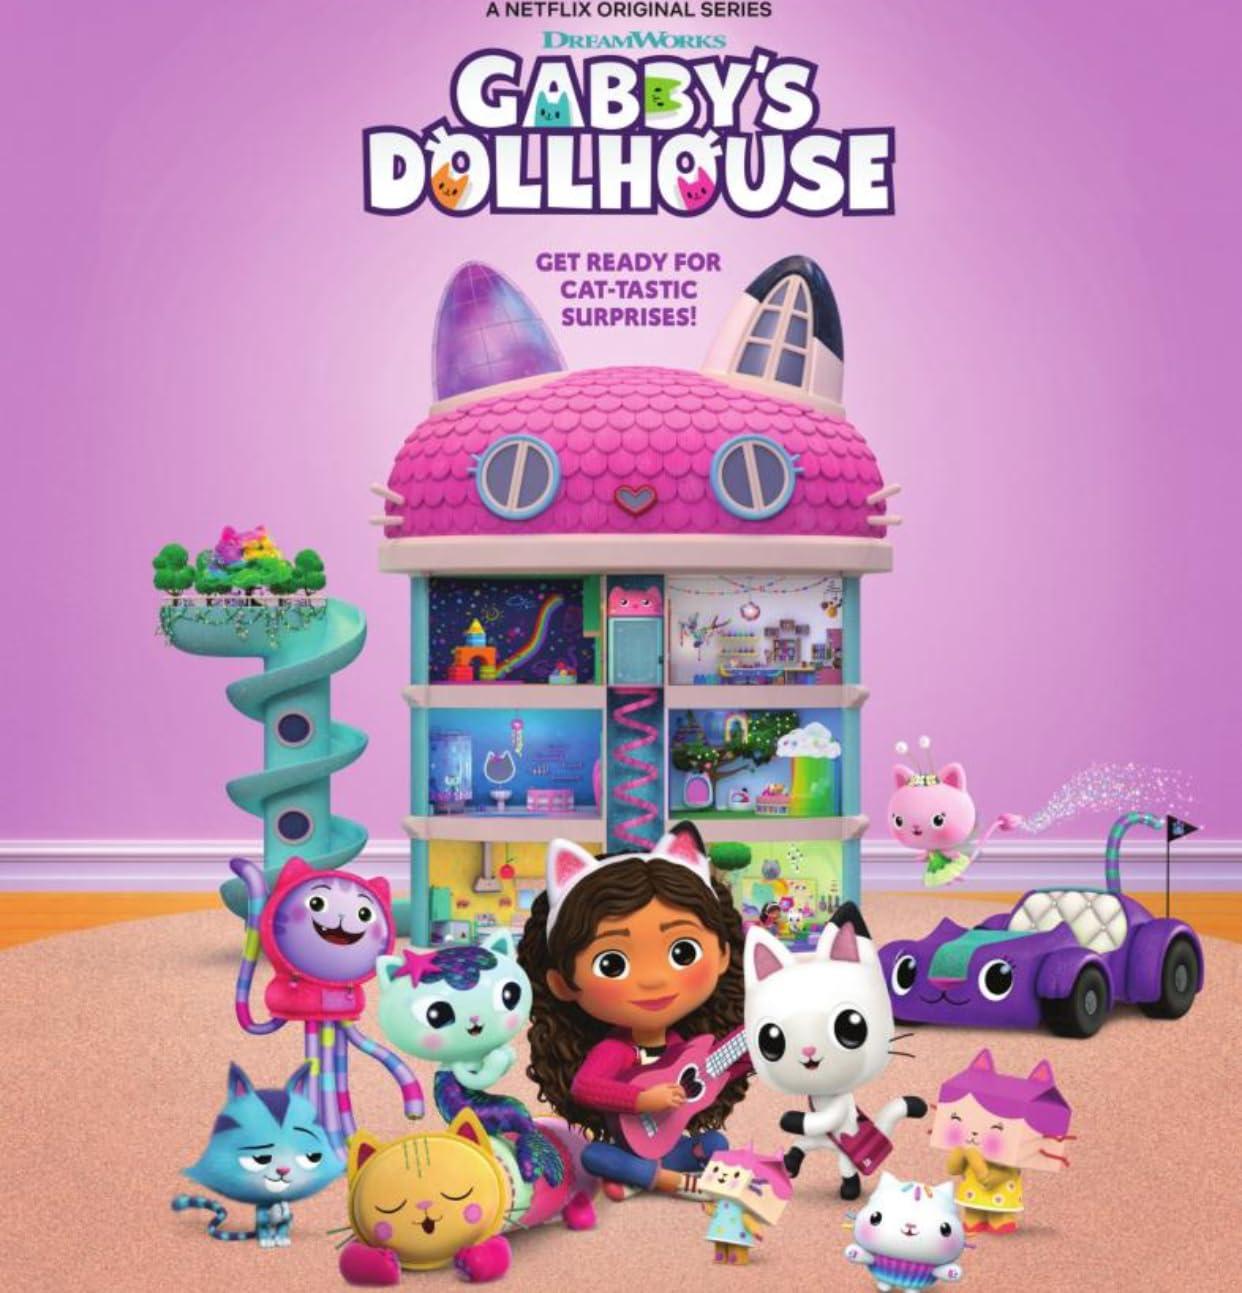 蓋比的娃娃屋   awwrated   你的 Netflix 避雷好幫手!